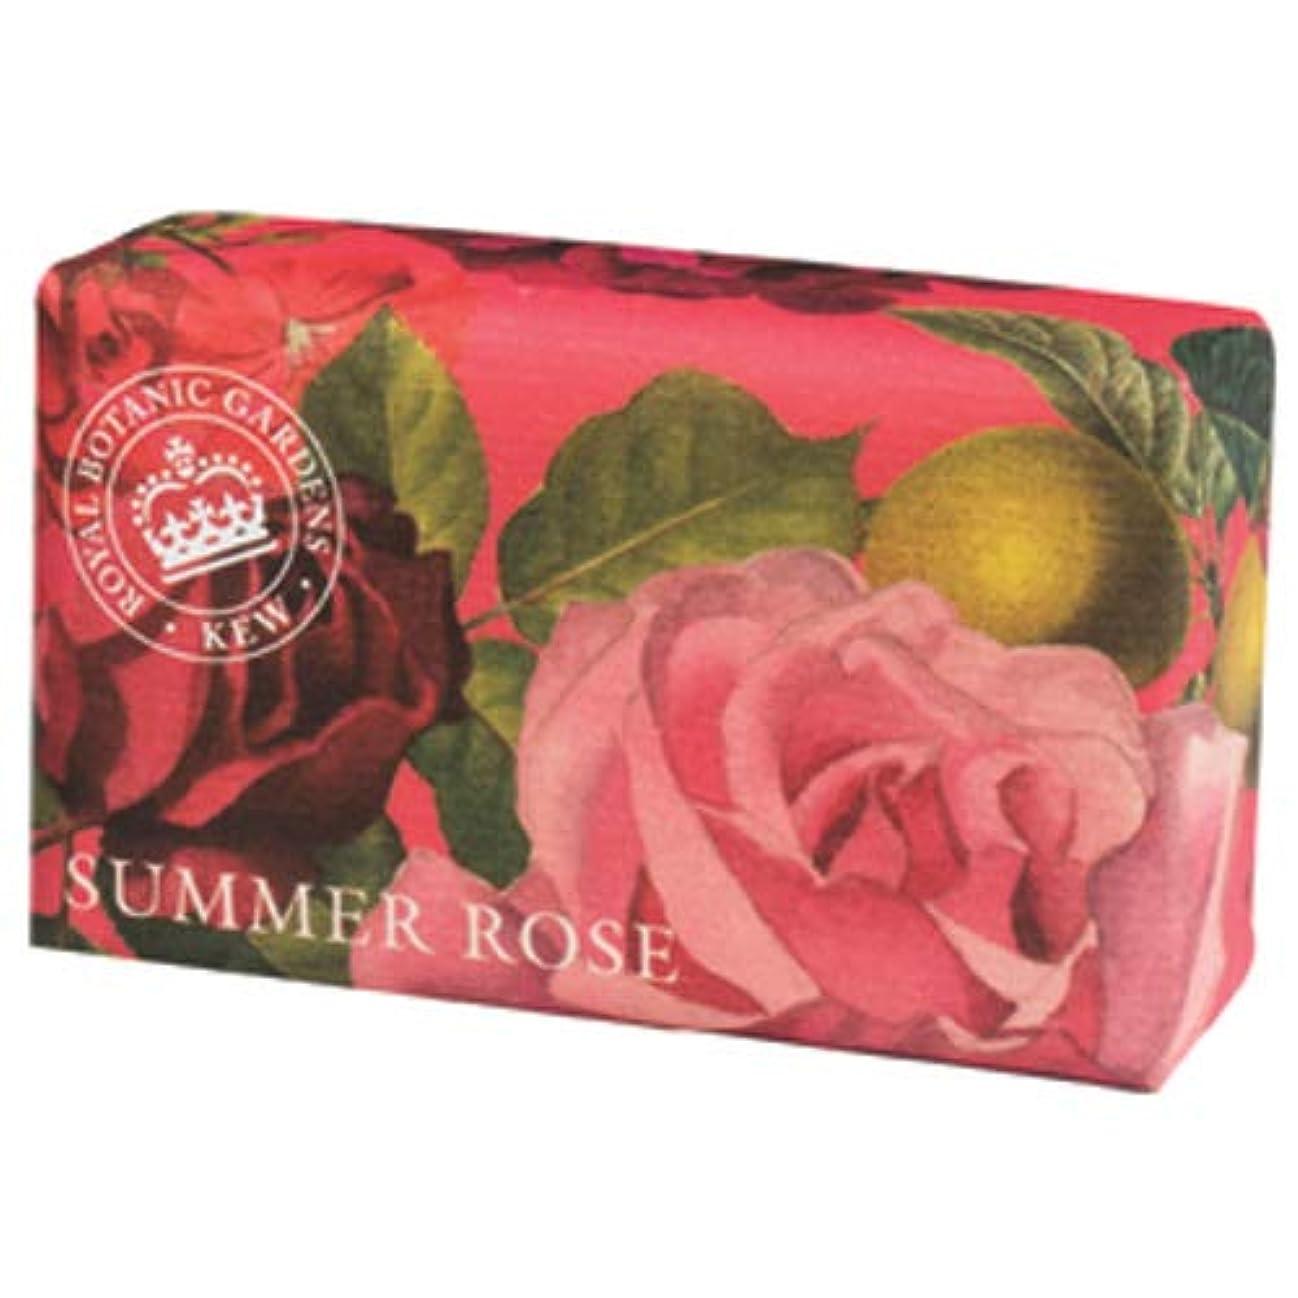 農学ダイアクリティカルトピックEnglish Soap Company イングリッシュソープカンパニー KEW GARDEN キュー?ガーデン Luxury Shea Soaps シアソープ Summer Rose サマーローズ